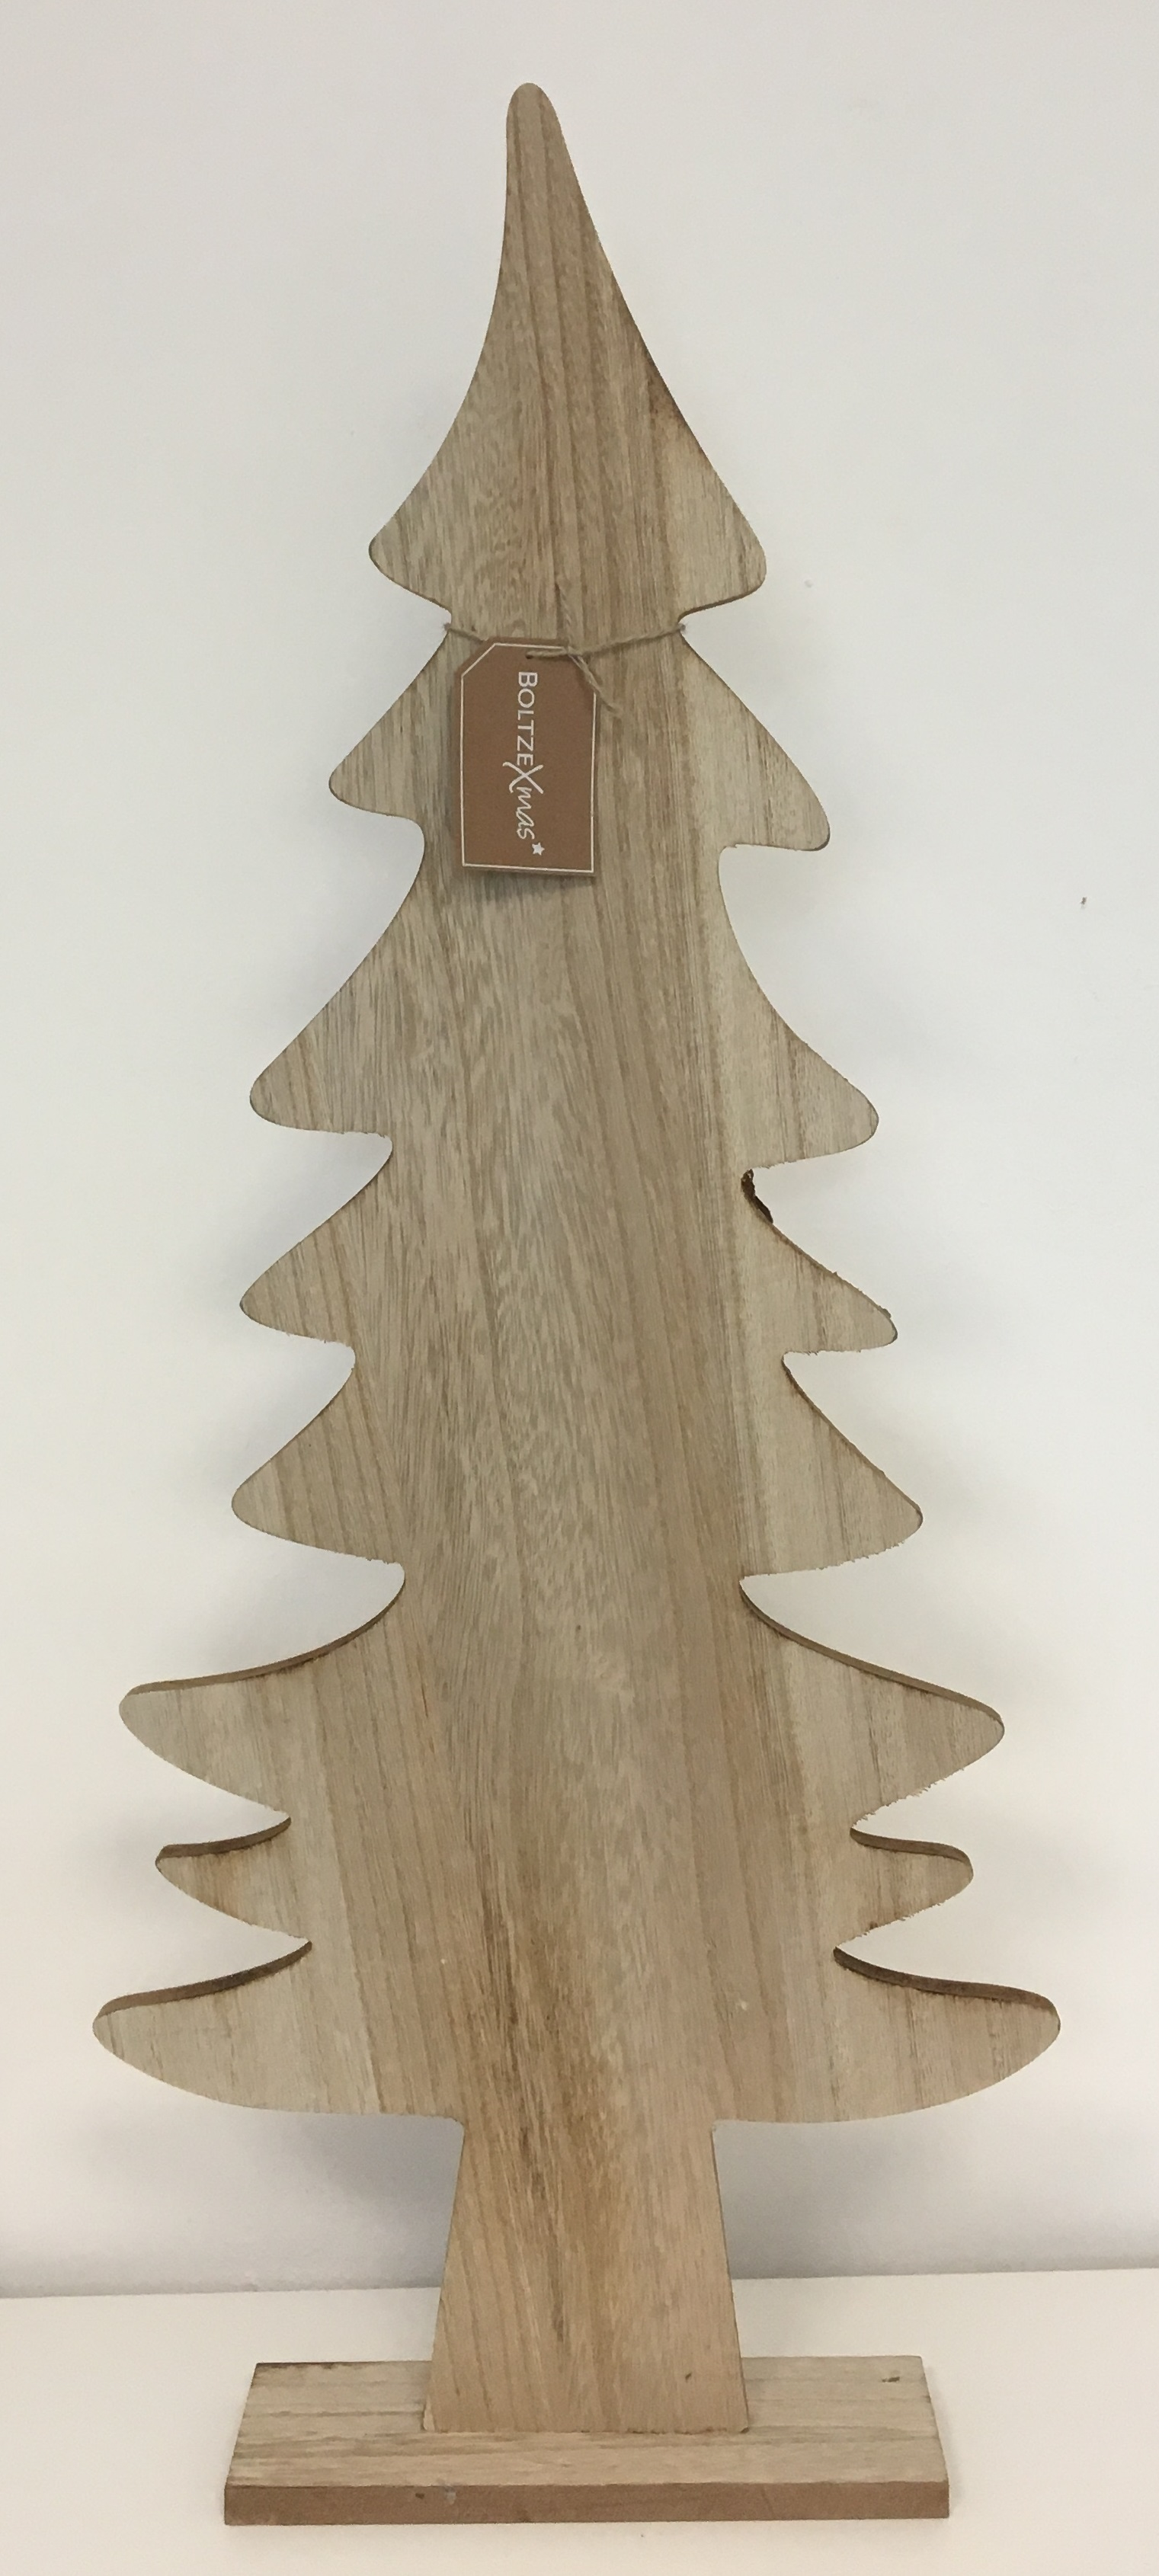 Deko Tannenbaum Holz.Weihnachtsbaum Kjell Tannenbaum Deko Holz Natur 81 Cm